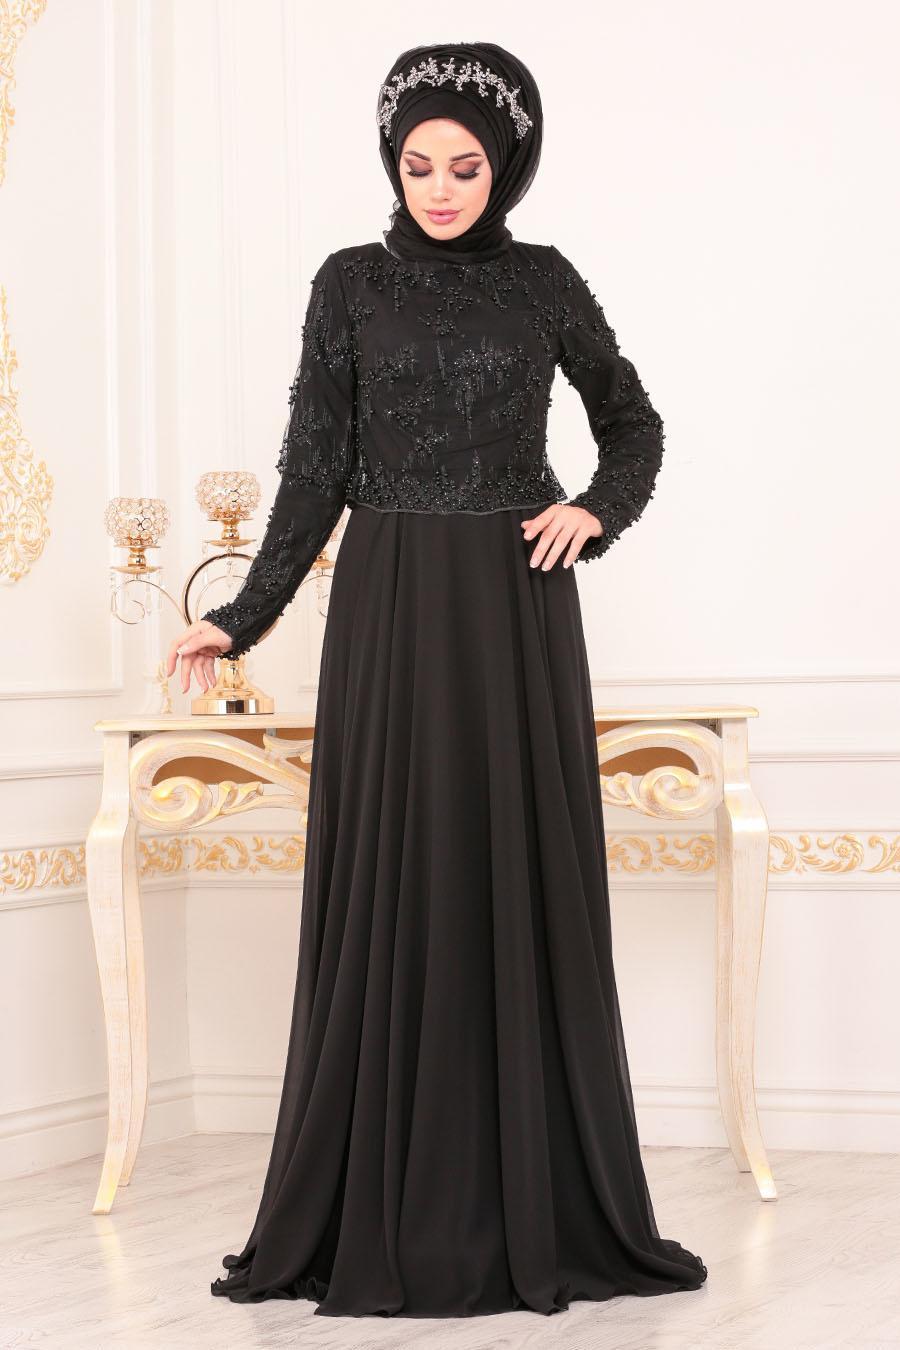 فستان سهرة أسود بجزء علوي بخرز نسائي